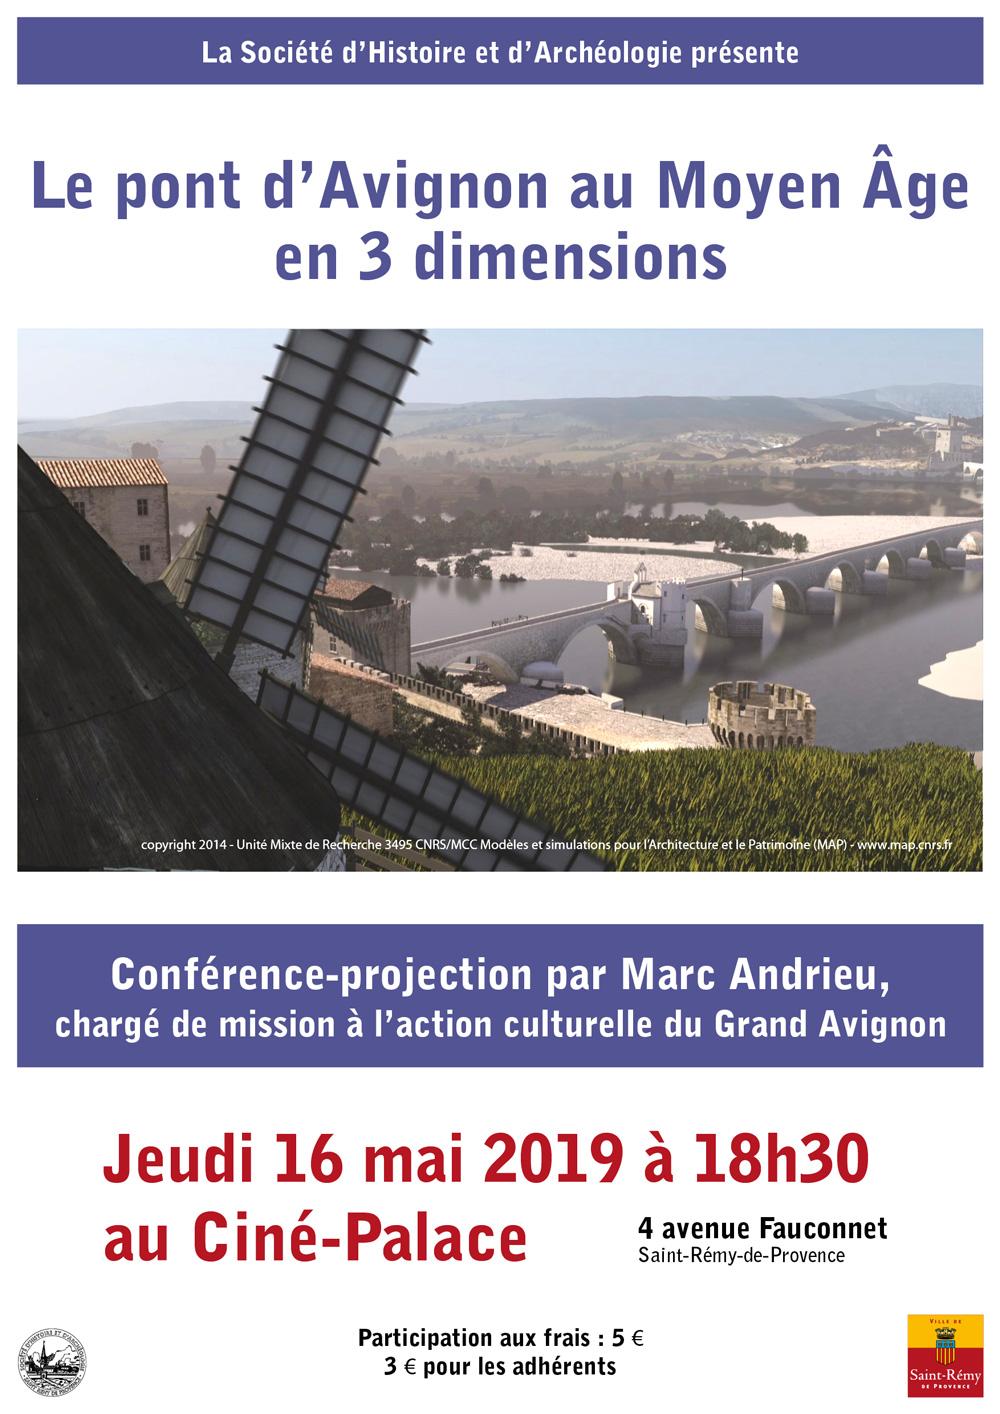 Affiche de la conférence sur le pont d'Avignon par la SHA